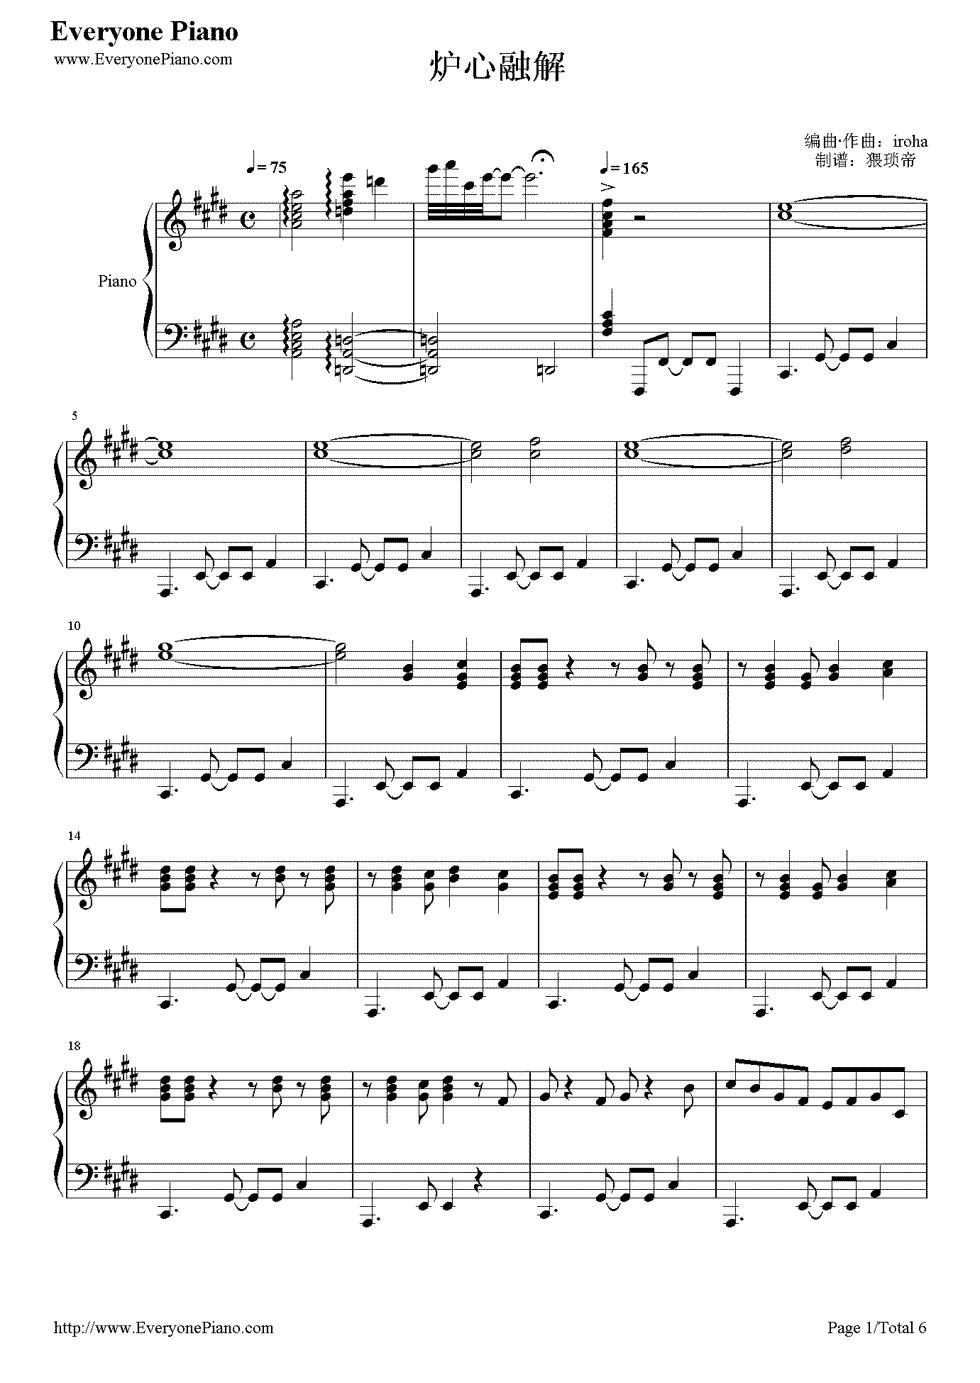 Meltdown 1 Vocaloid Sheet Music Pinterest Music Sheet Music